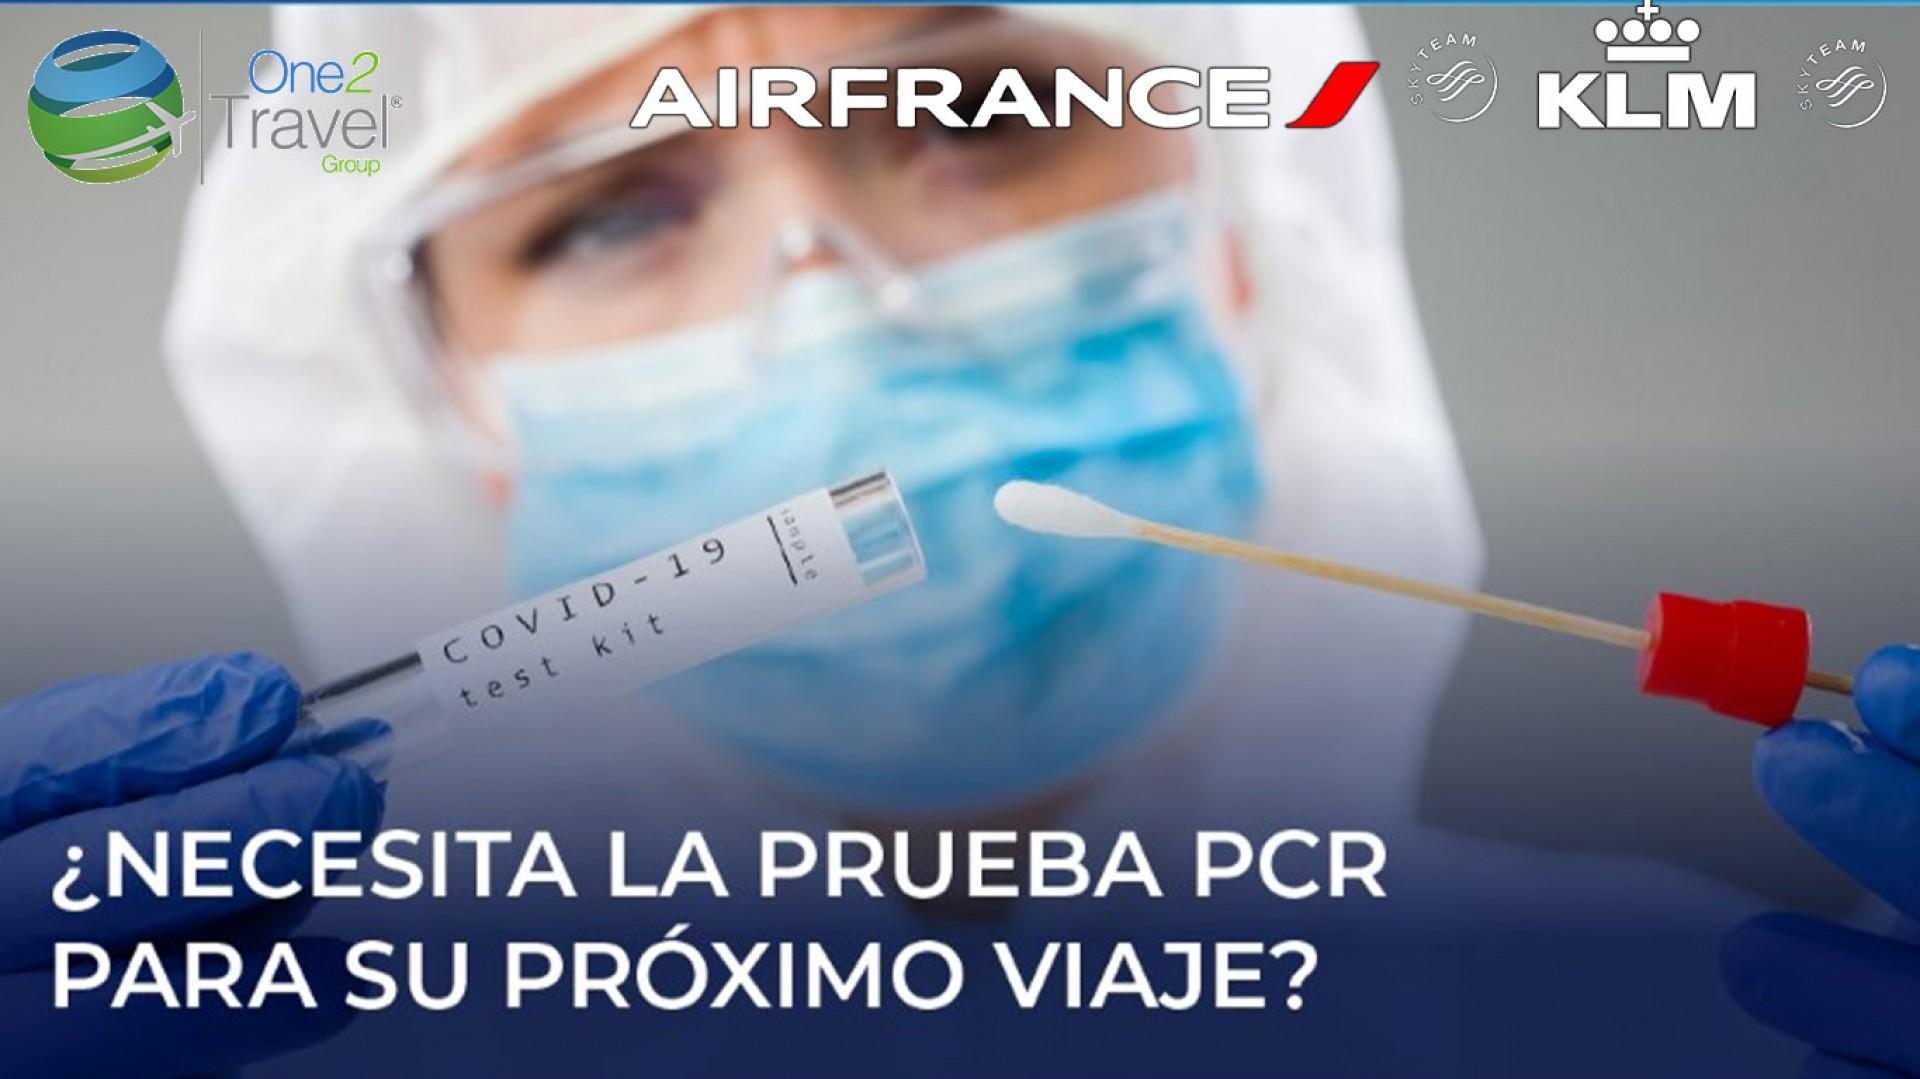 AIR FRANCE-KLM EN MÉXICO REALIZÓ UN ACUERDO CON 3 LABORATORIOS